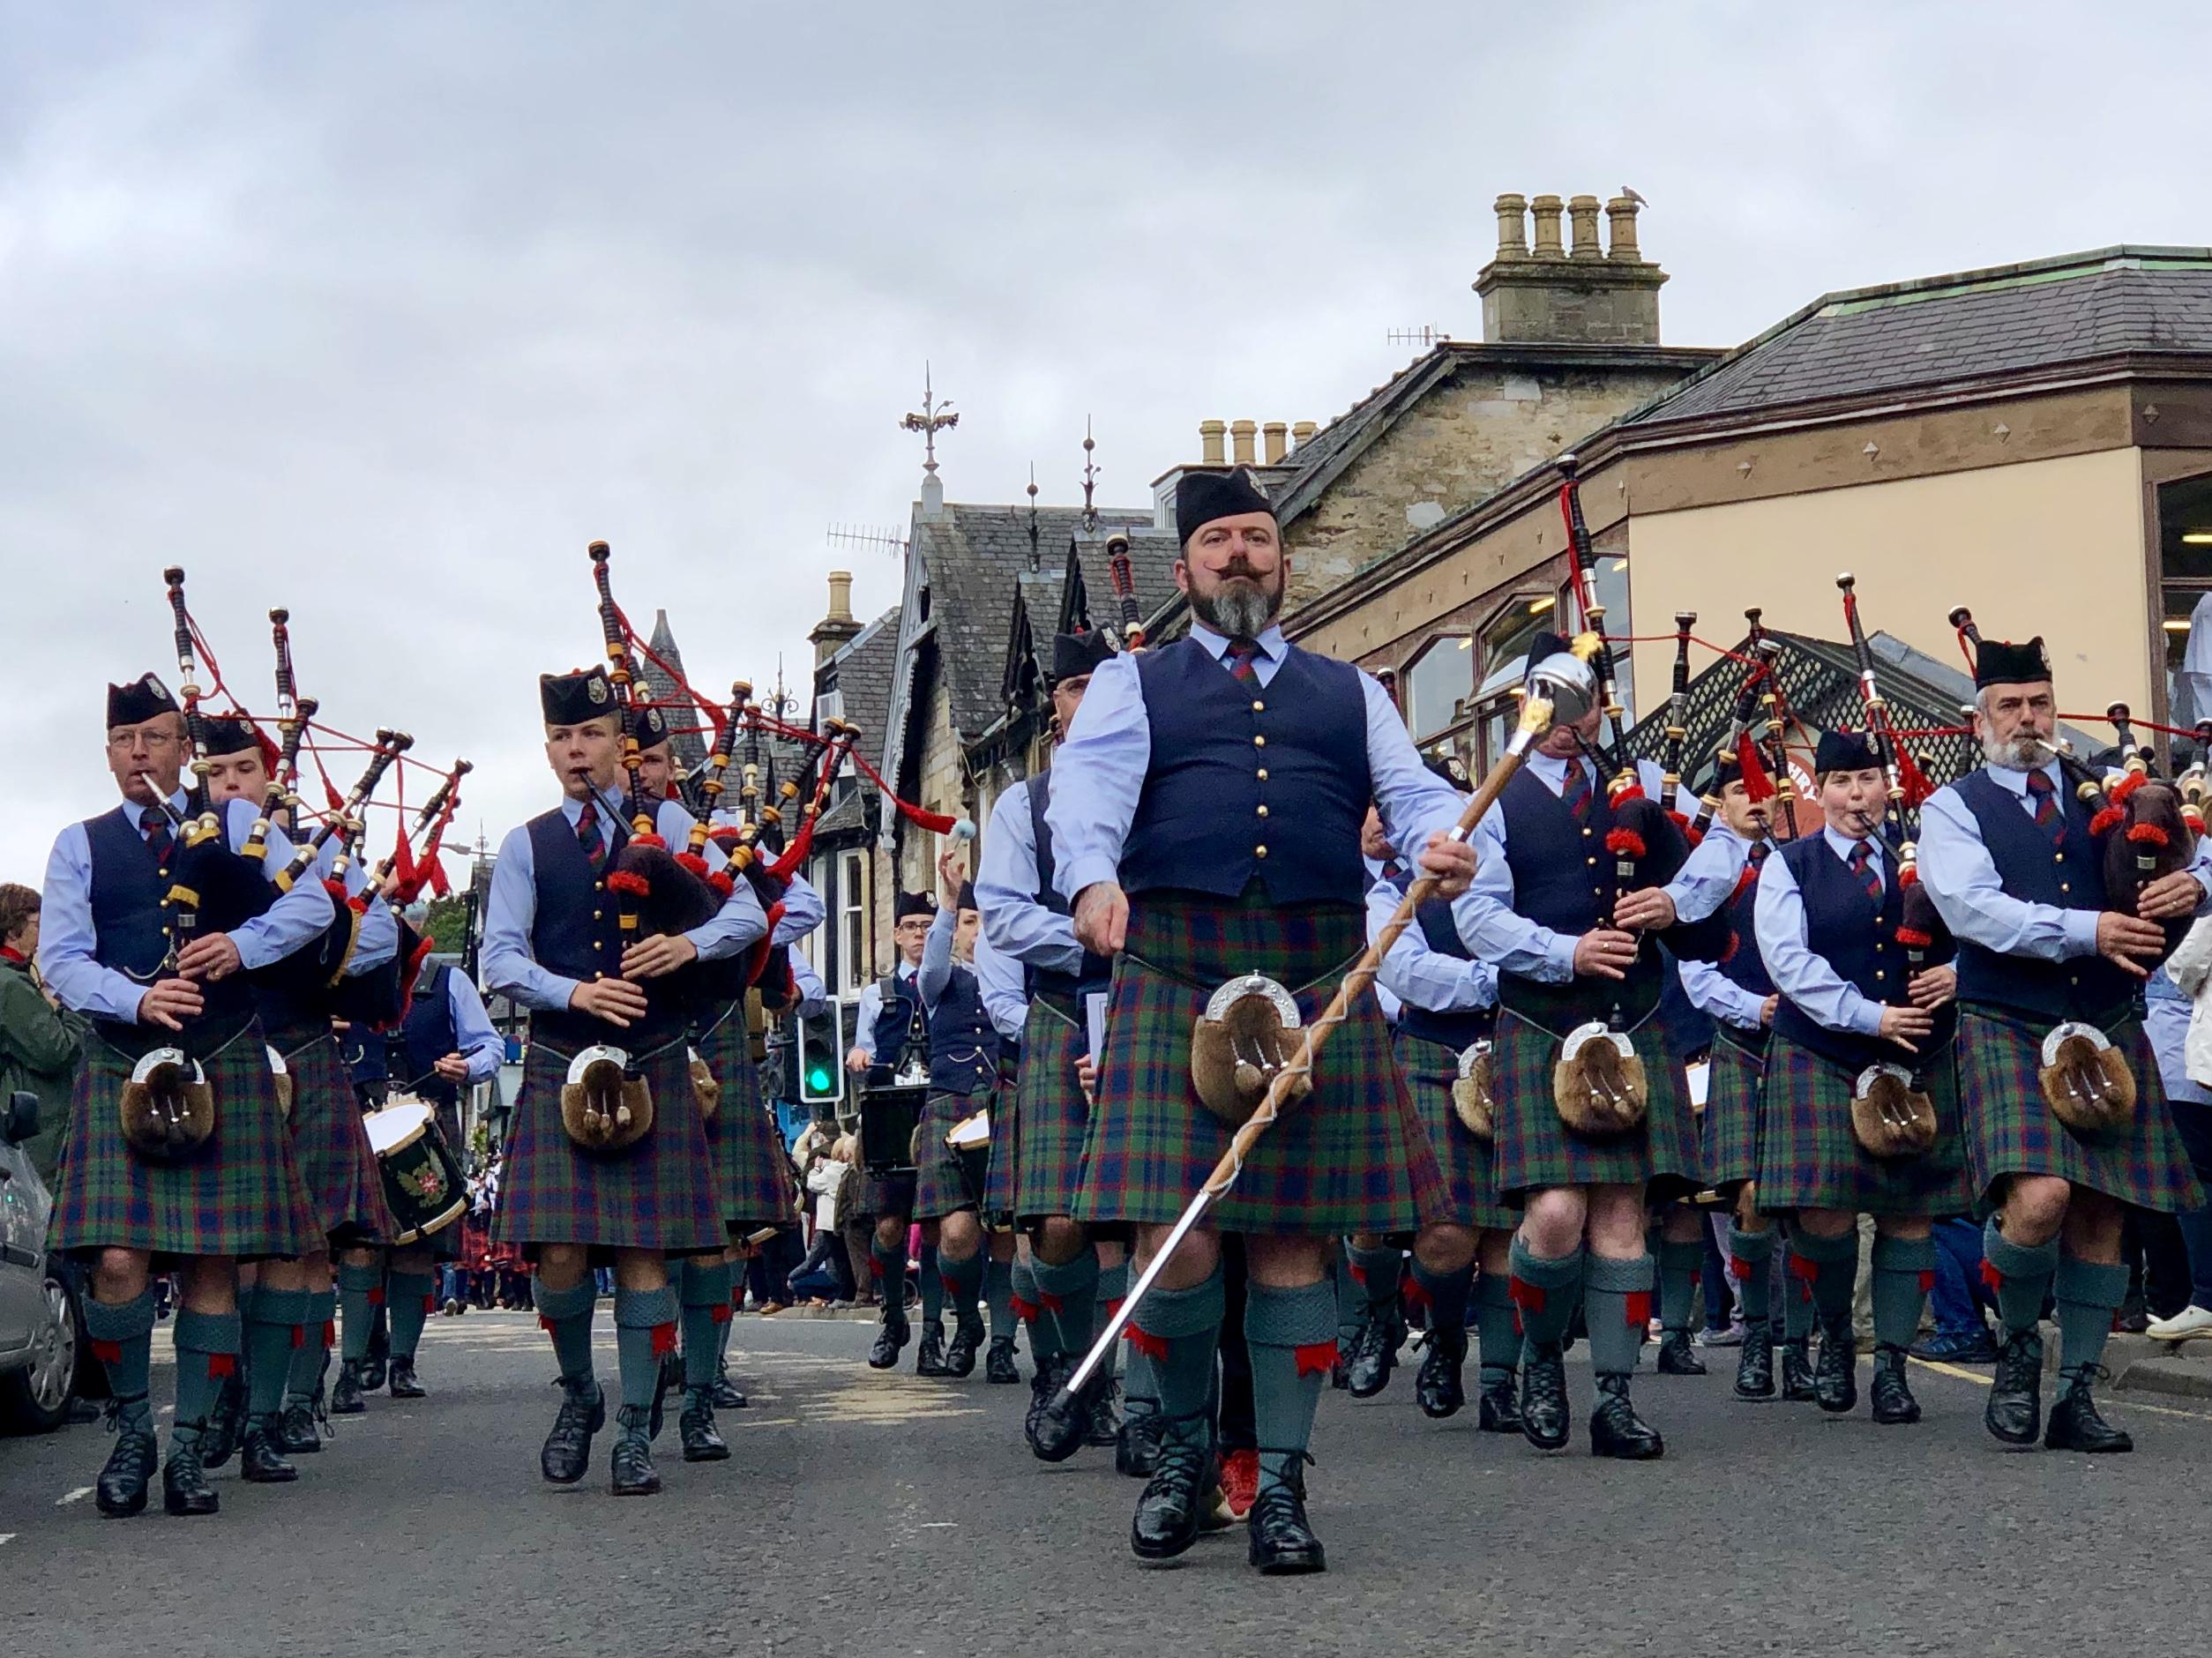 schotland doedelzak highland games